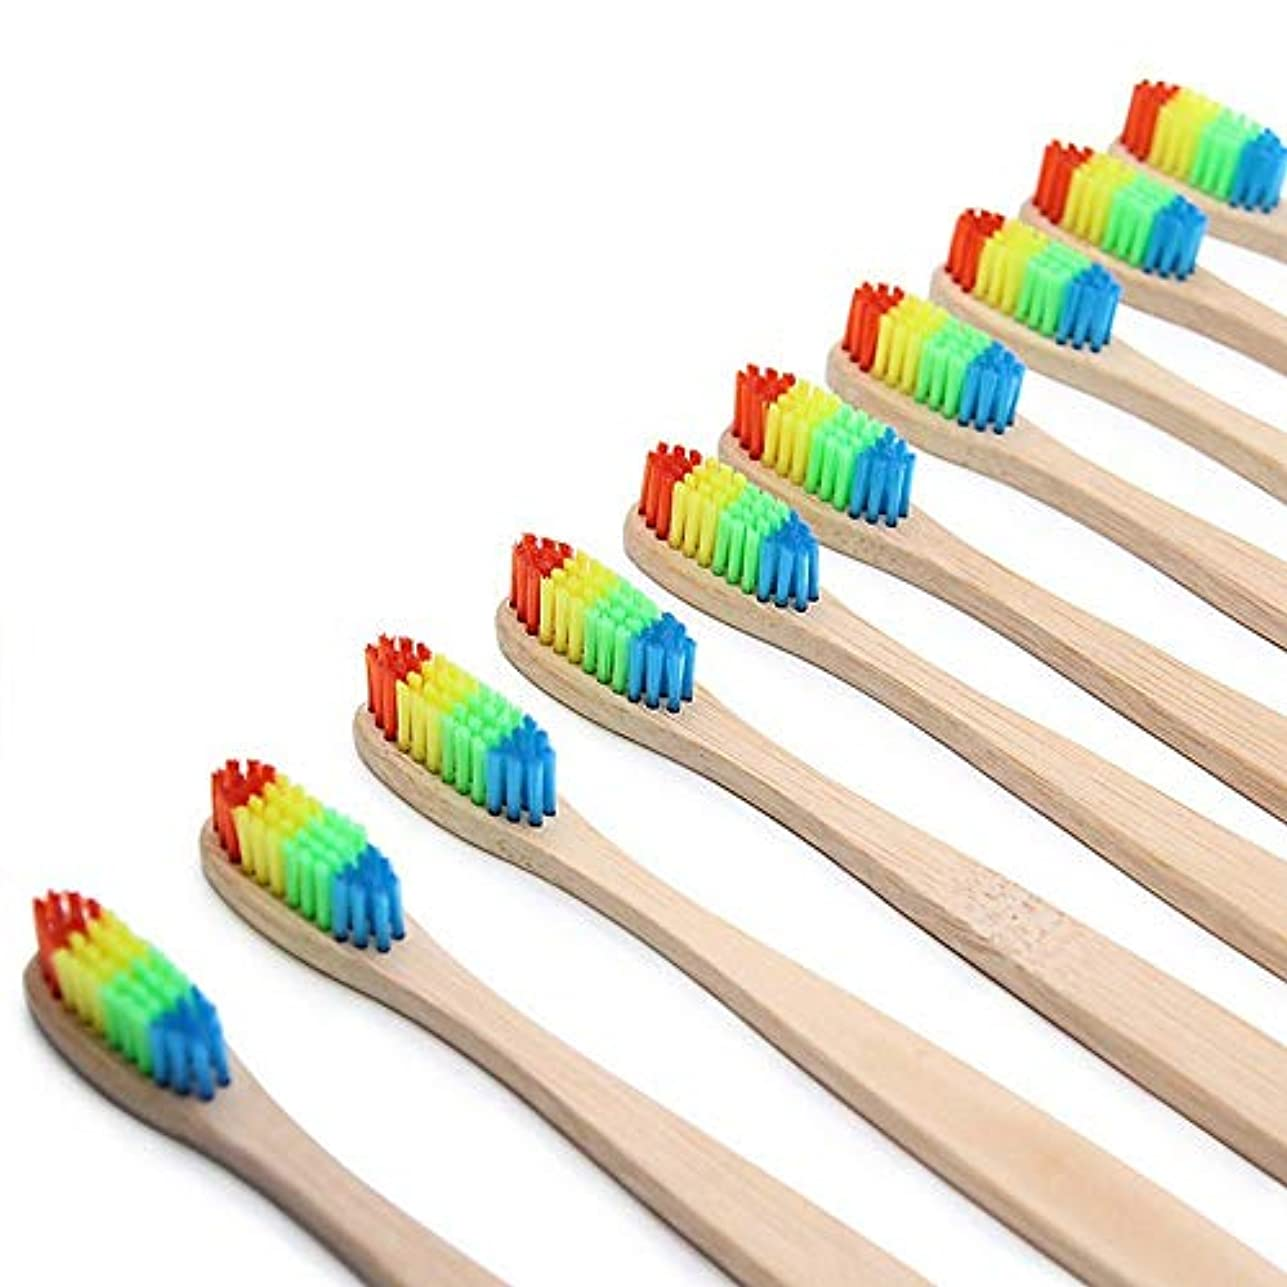 手を差し伸べる思春期矛盾する天然竹歯ブラシ 竹の歯ブラシ ナイロン毛 8本  (カラー)